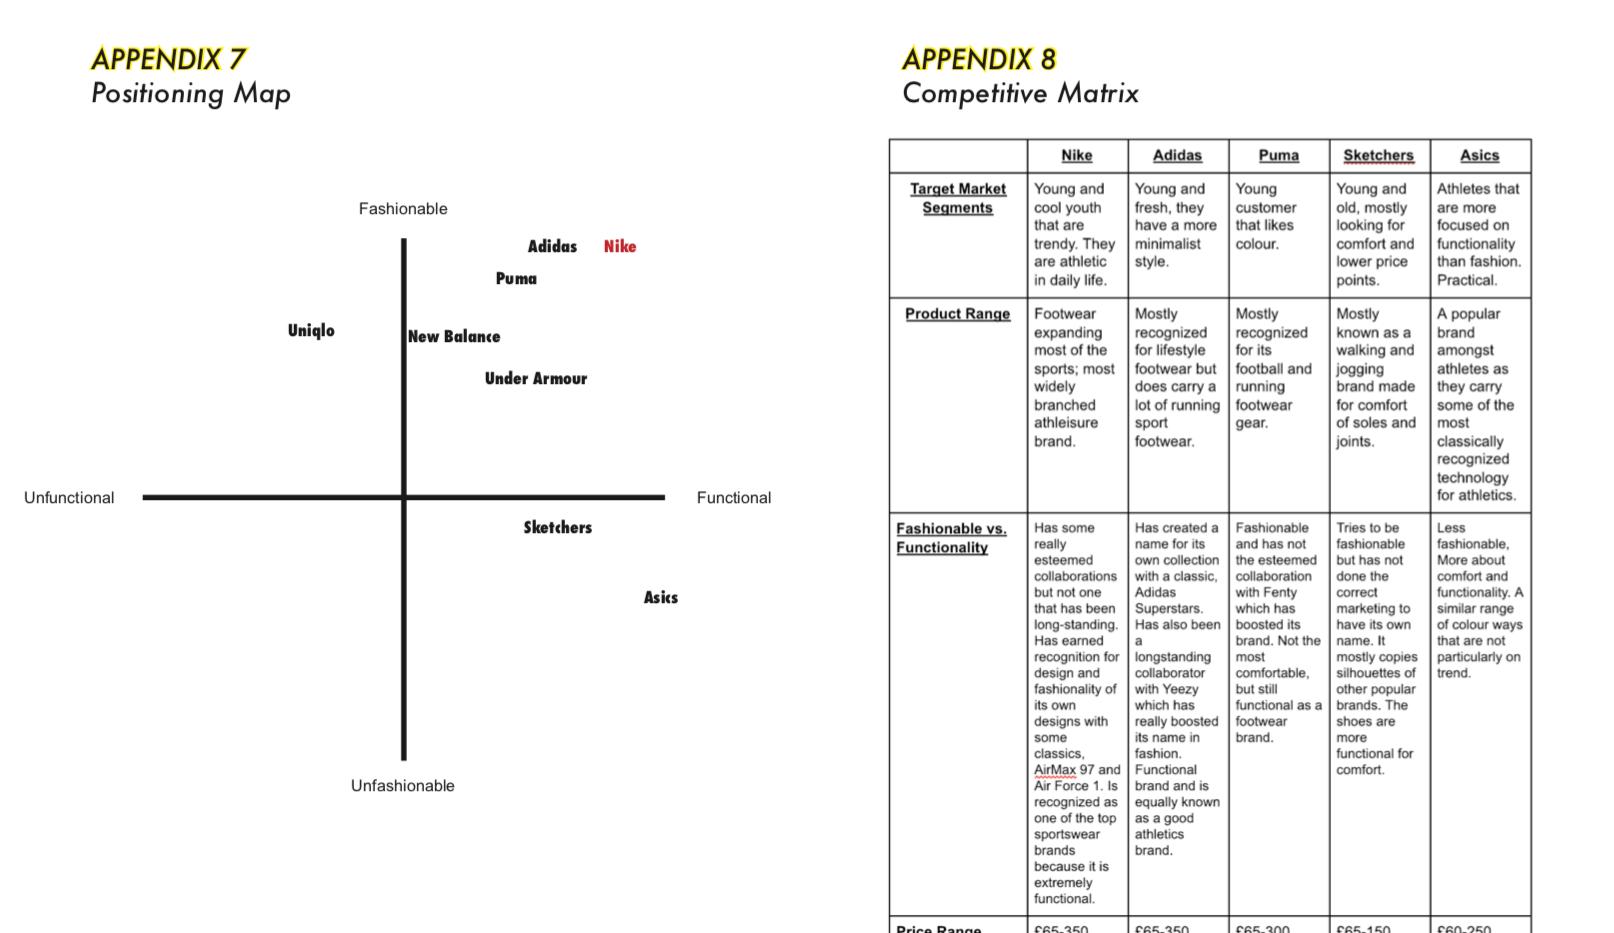 Appendix 7 & 8